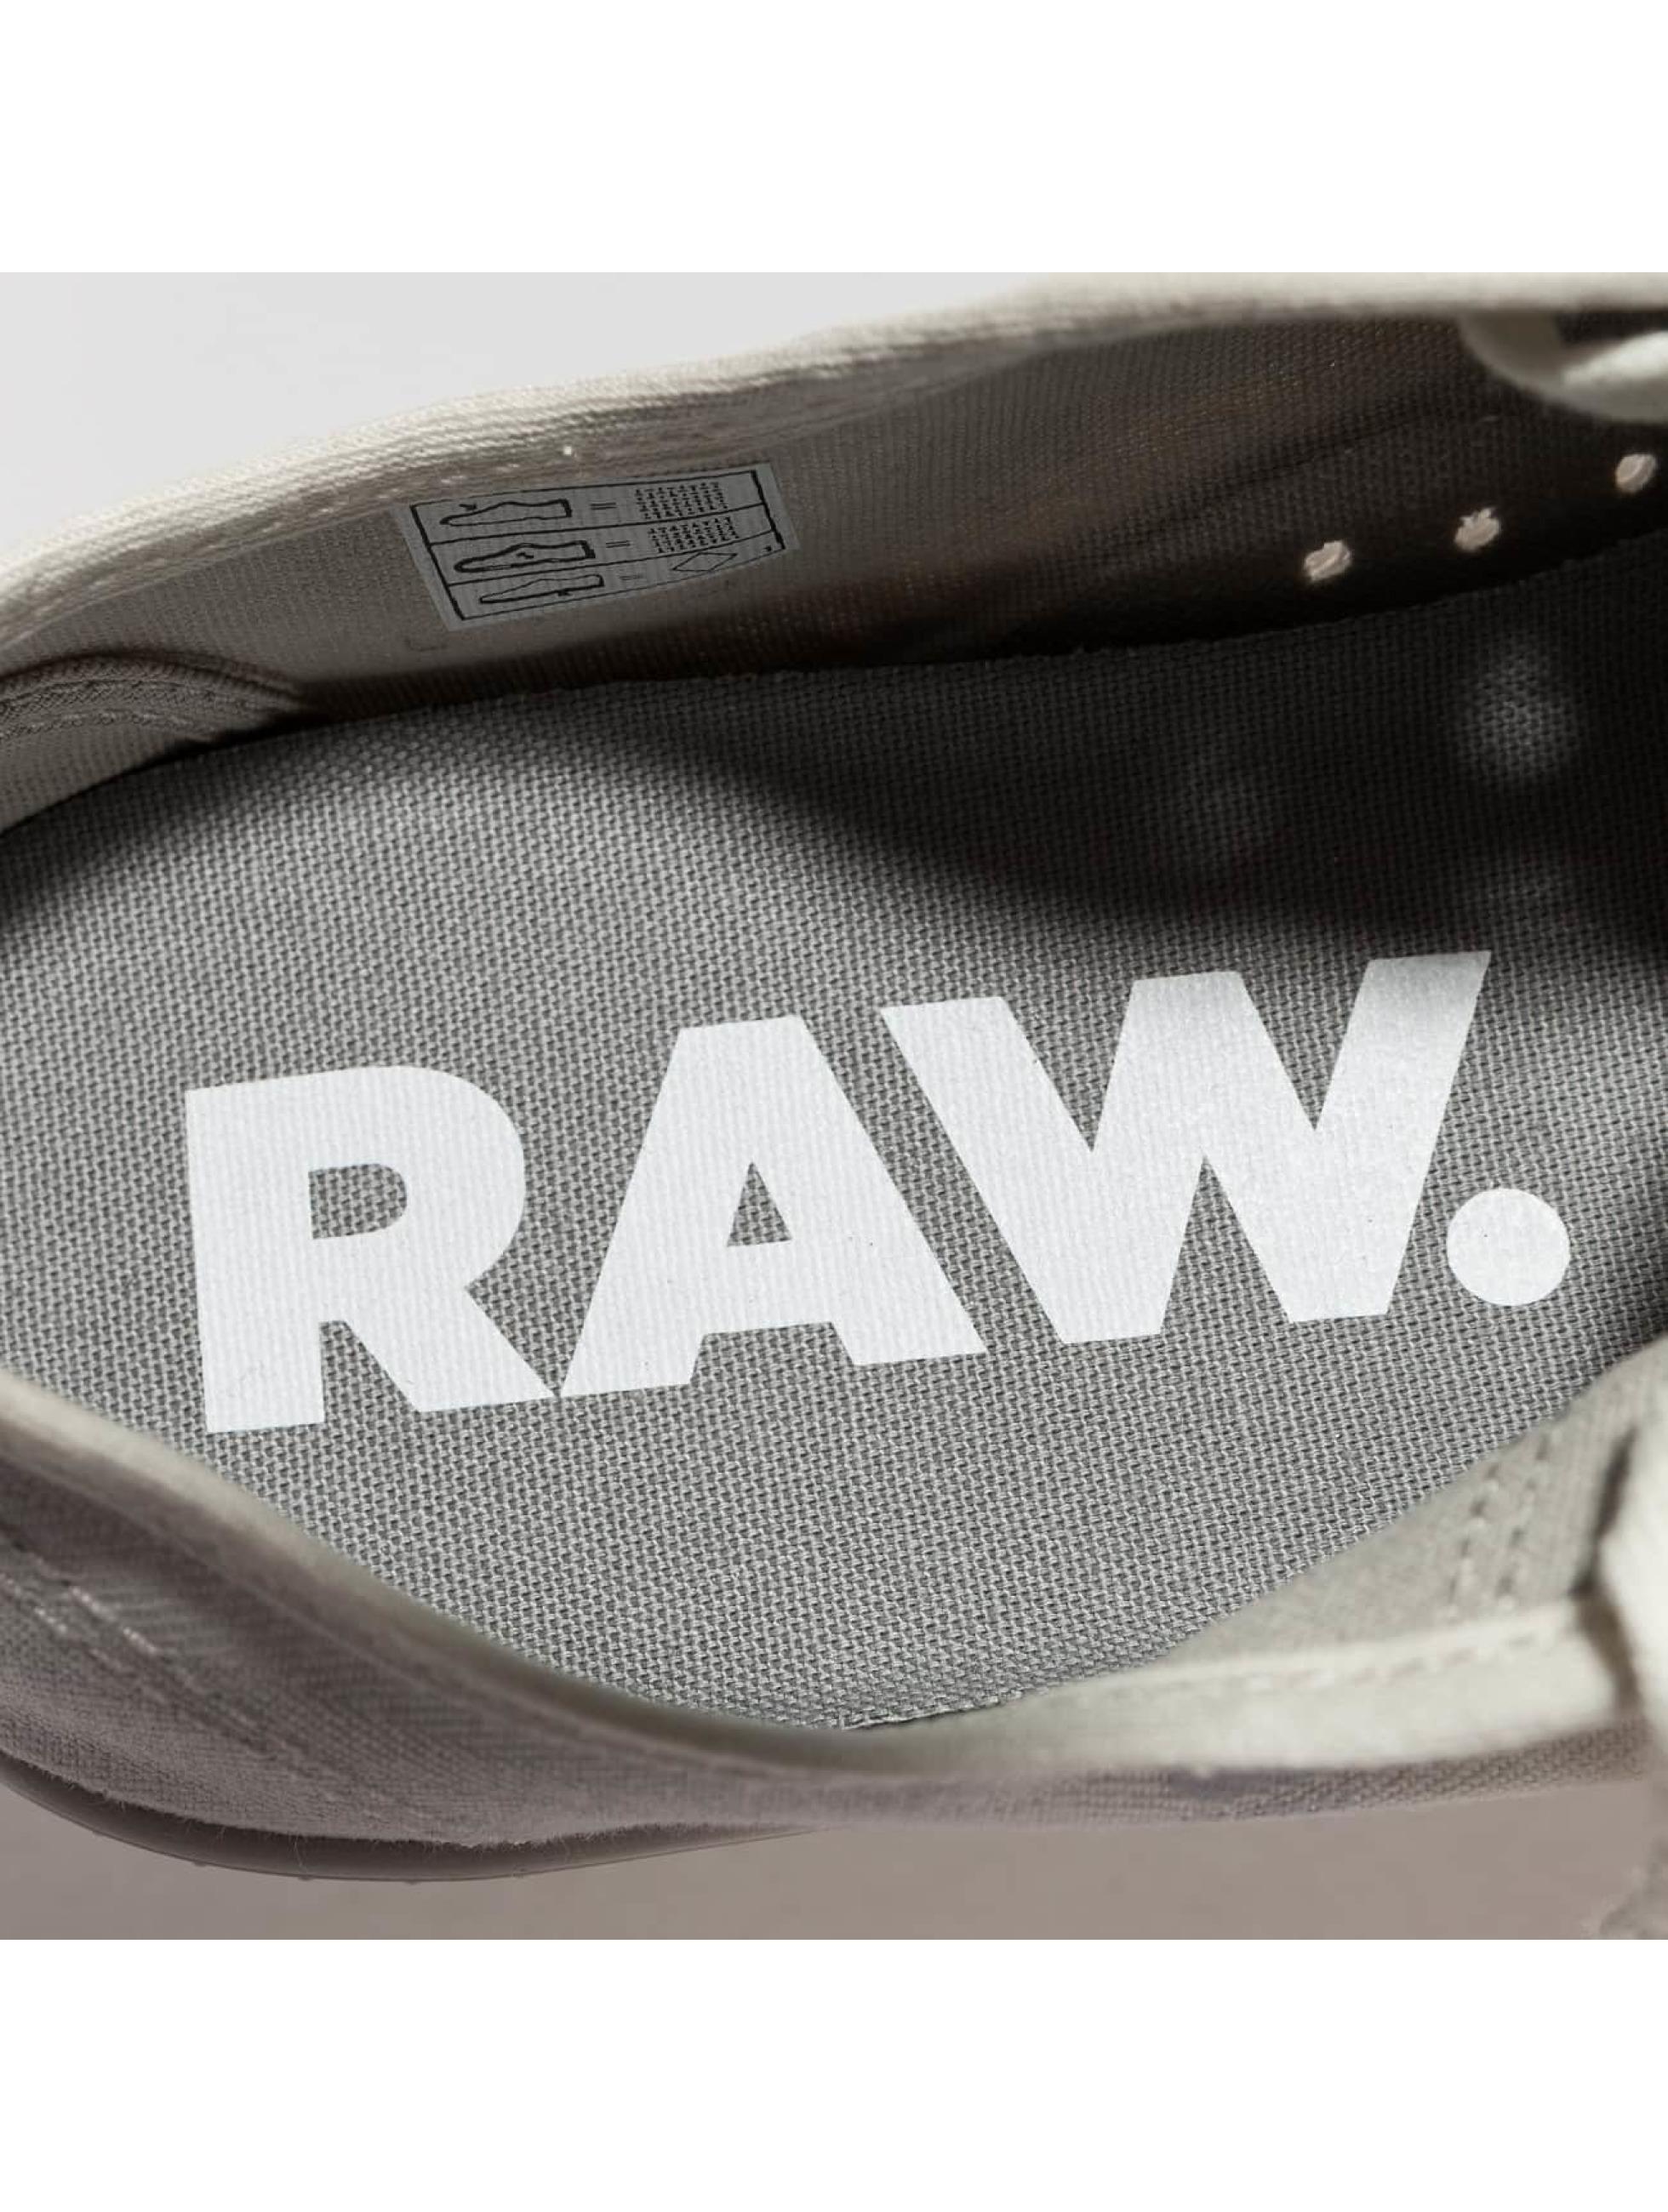 G-Star Footwear Sneakers Rovulc HB hvid